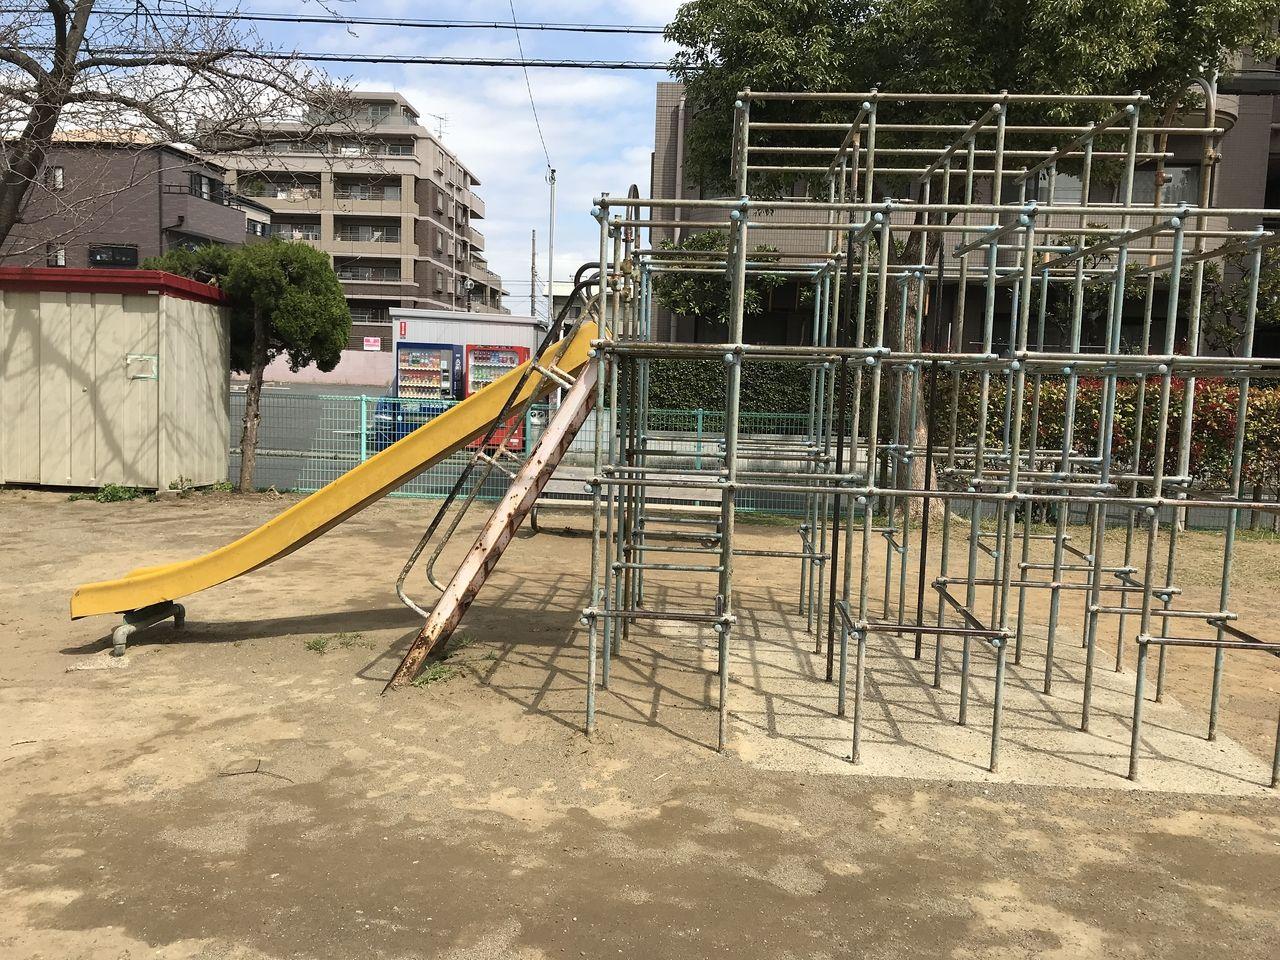 南行徳の湊新田公園のすべり台付きジャングルジム横